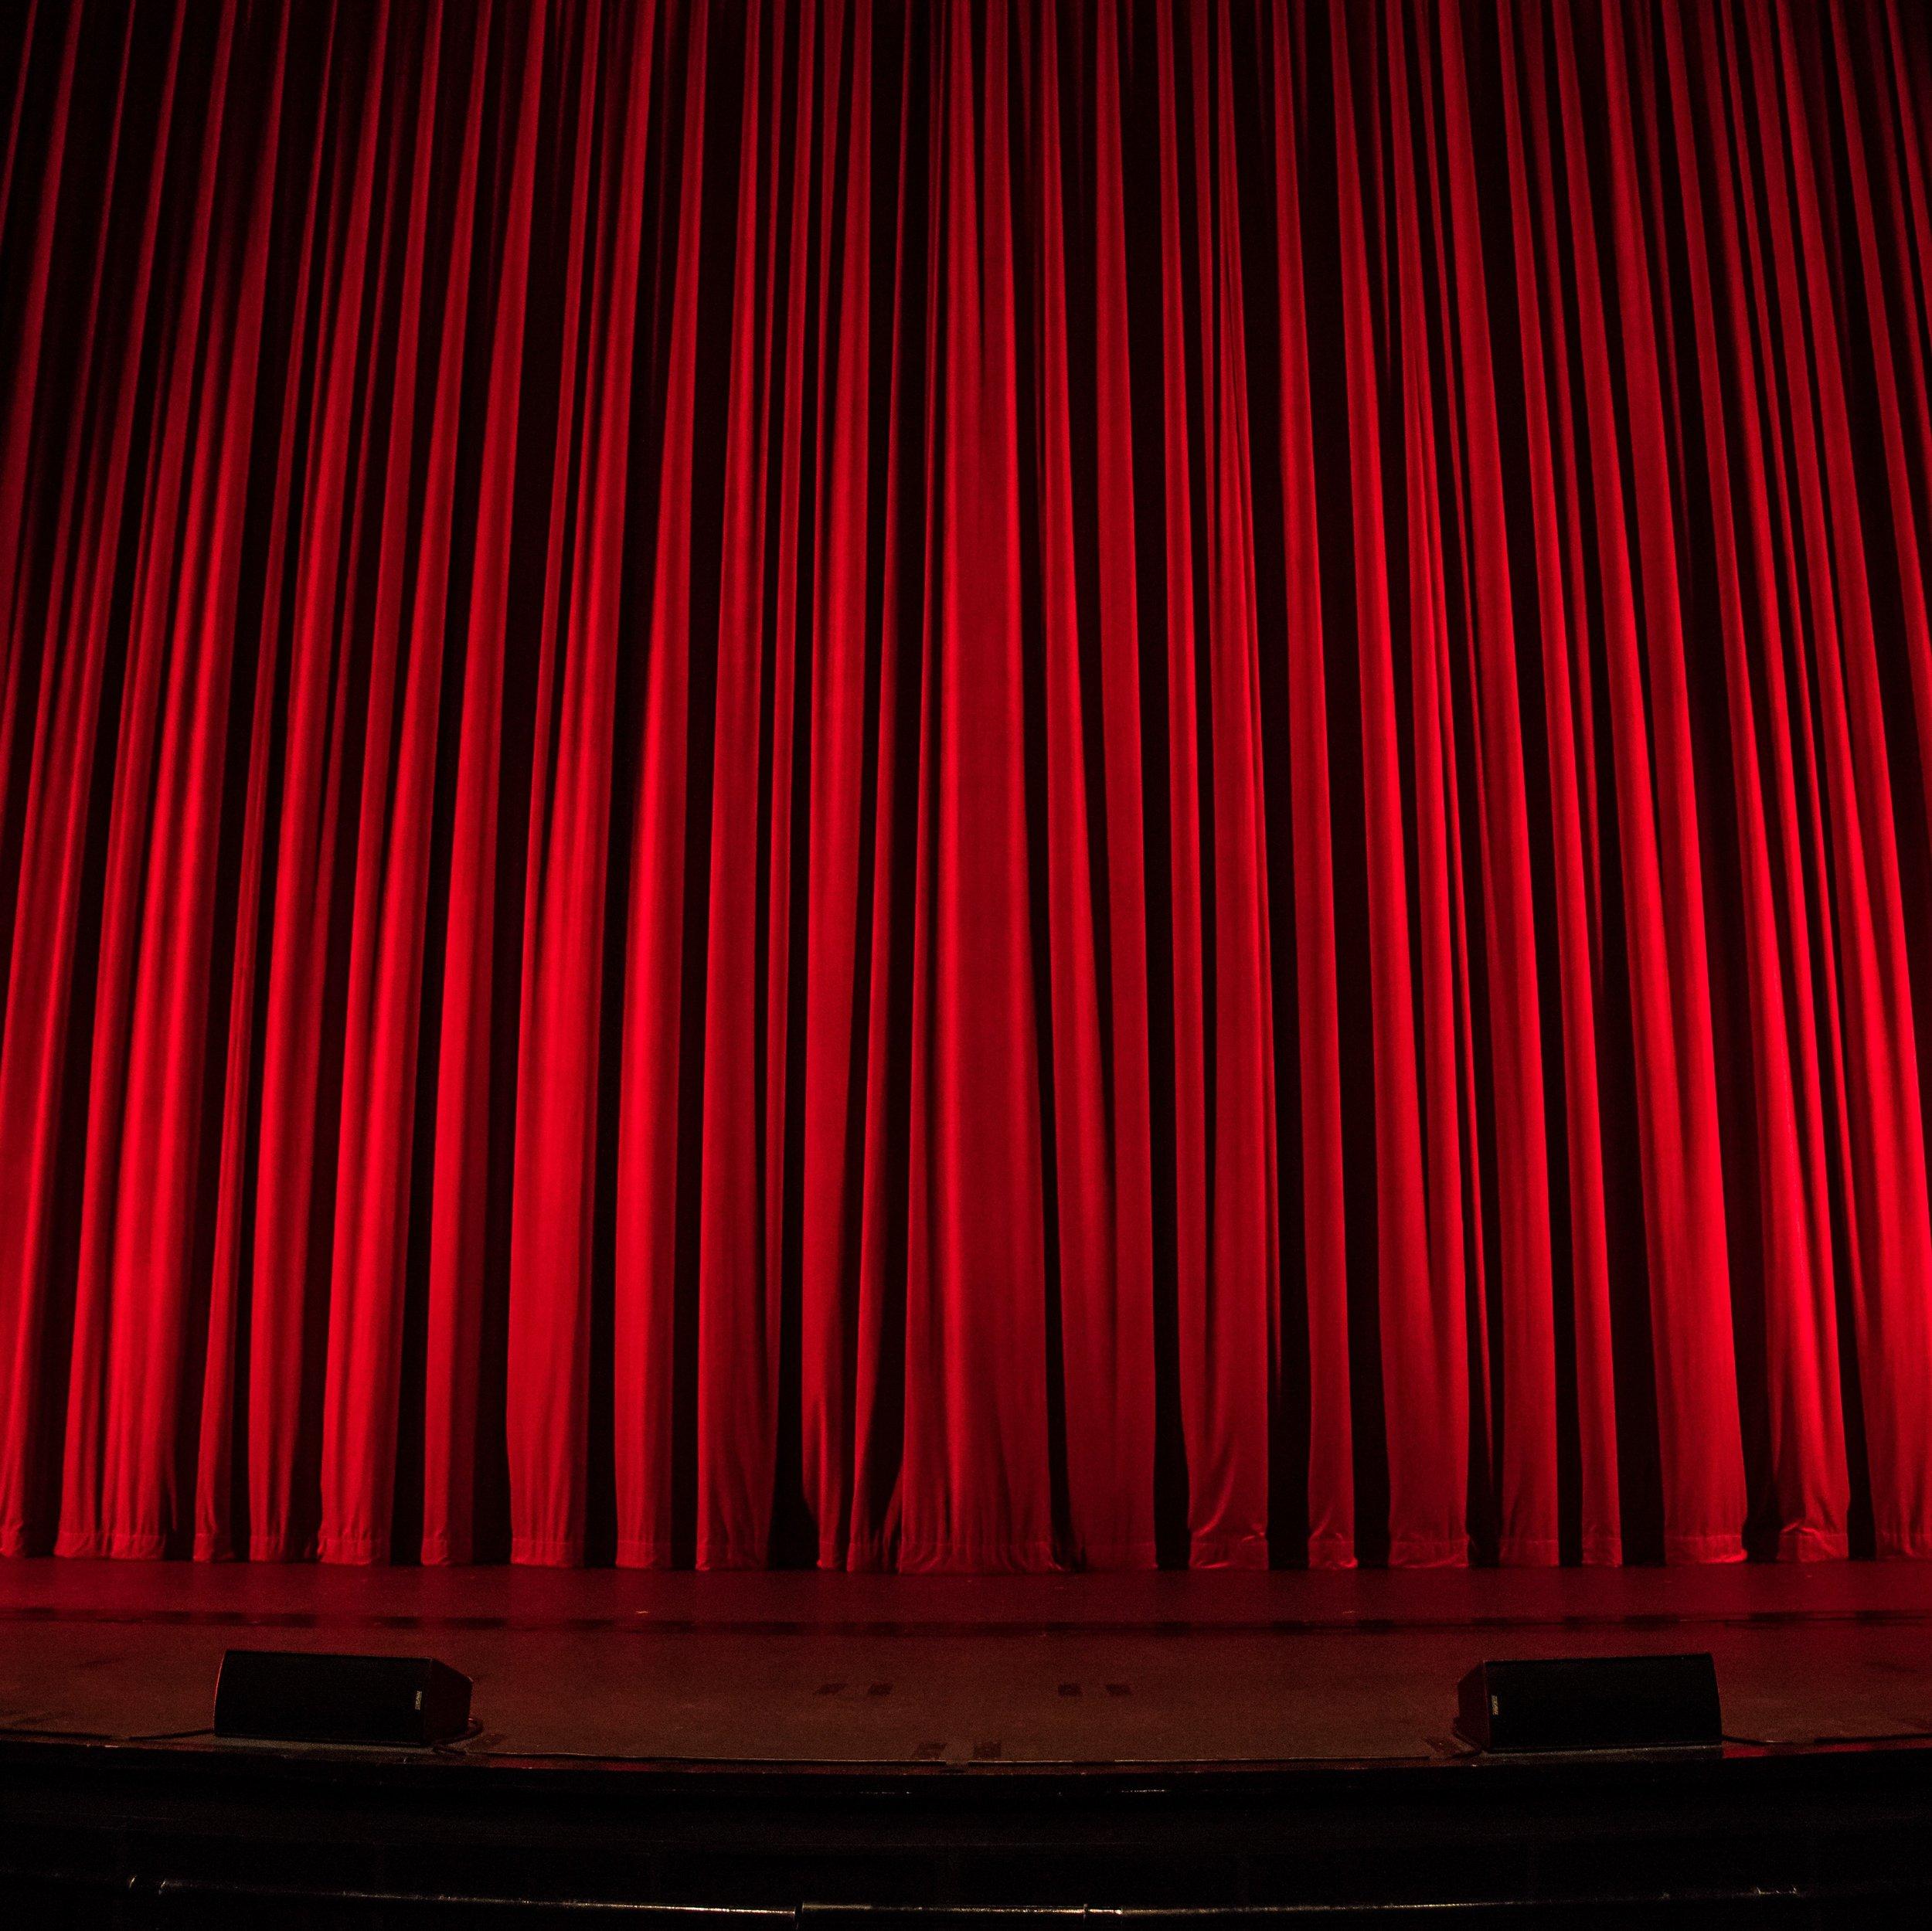 Muziek is Theater - Ben jij muzikant en wil je werken aan je podiumpresentatie? Dat begint niet met looks of gouden schoenen, maar met de vraag: wat wil ik vertellen.Welk verhaal wil je vertellen met je muziek? Als je dat weet, kan je al je gevoel er in leggen. Kippenvel.. bij jou en bij het publiek.We gaan ande slag met houding, beweging en stemgebruik. Je gaat op een nieuwe manier kijken naar optreden: muziek is theater.